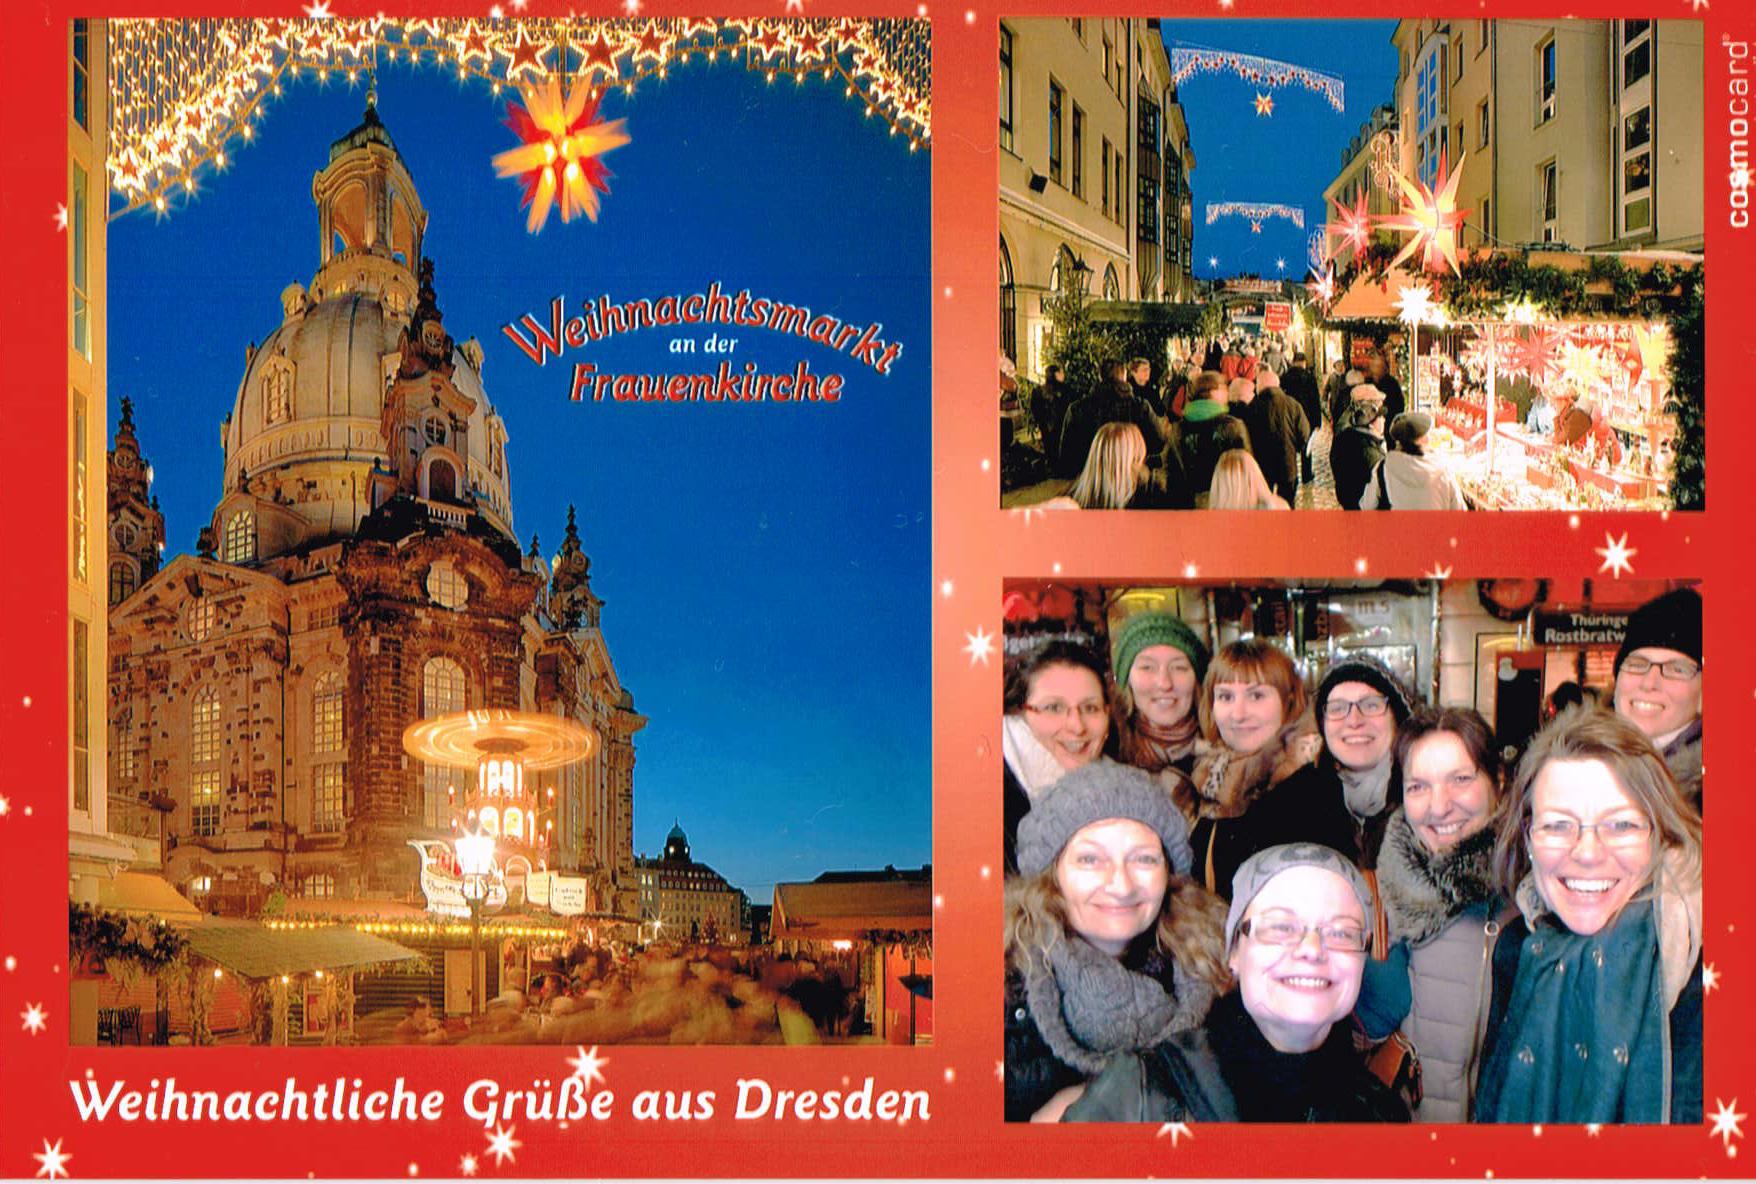 Weihnachtliche Schnitzeljagd für Dresdner Unternehmerinnen - mit Stadtspiel (Ver-) Führung und KonzeptFuchs - Agentur für Event.Marketing Dresden